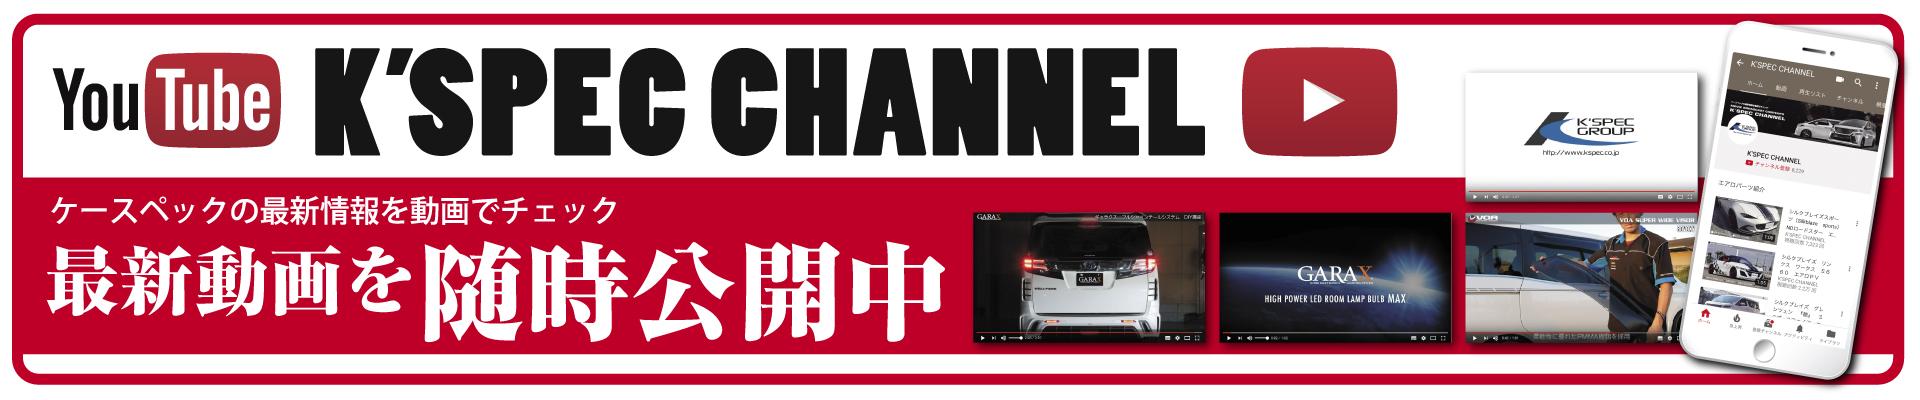 ケースペックチャンネル